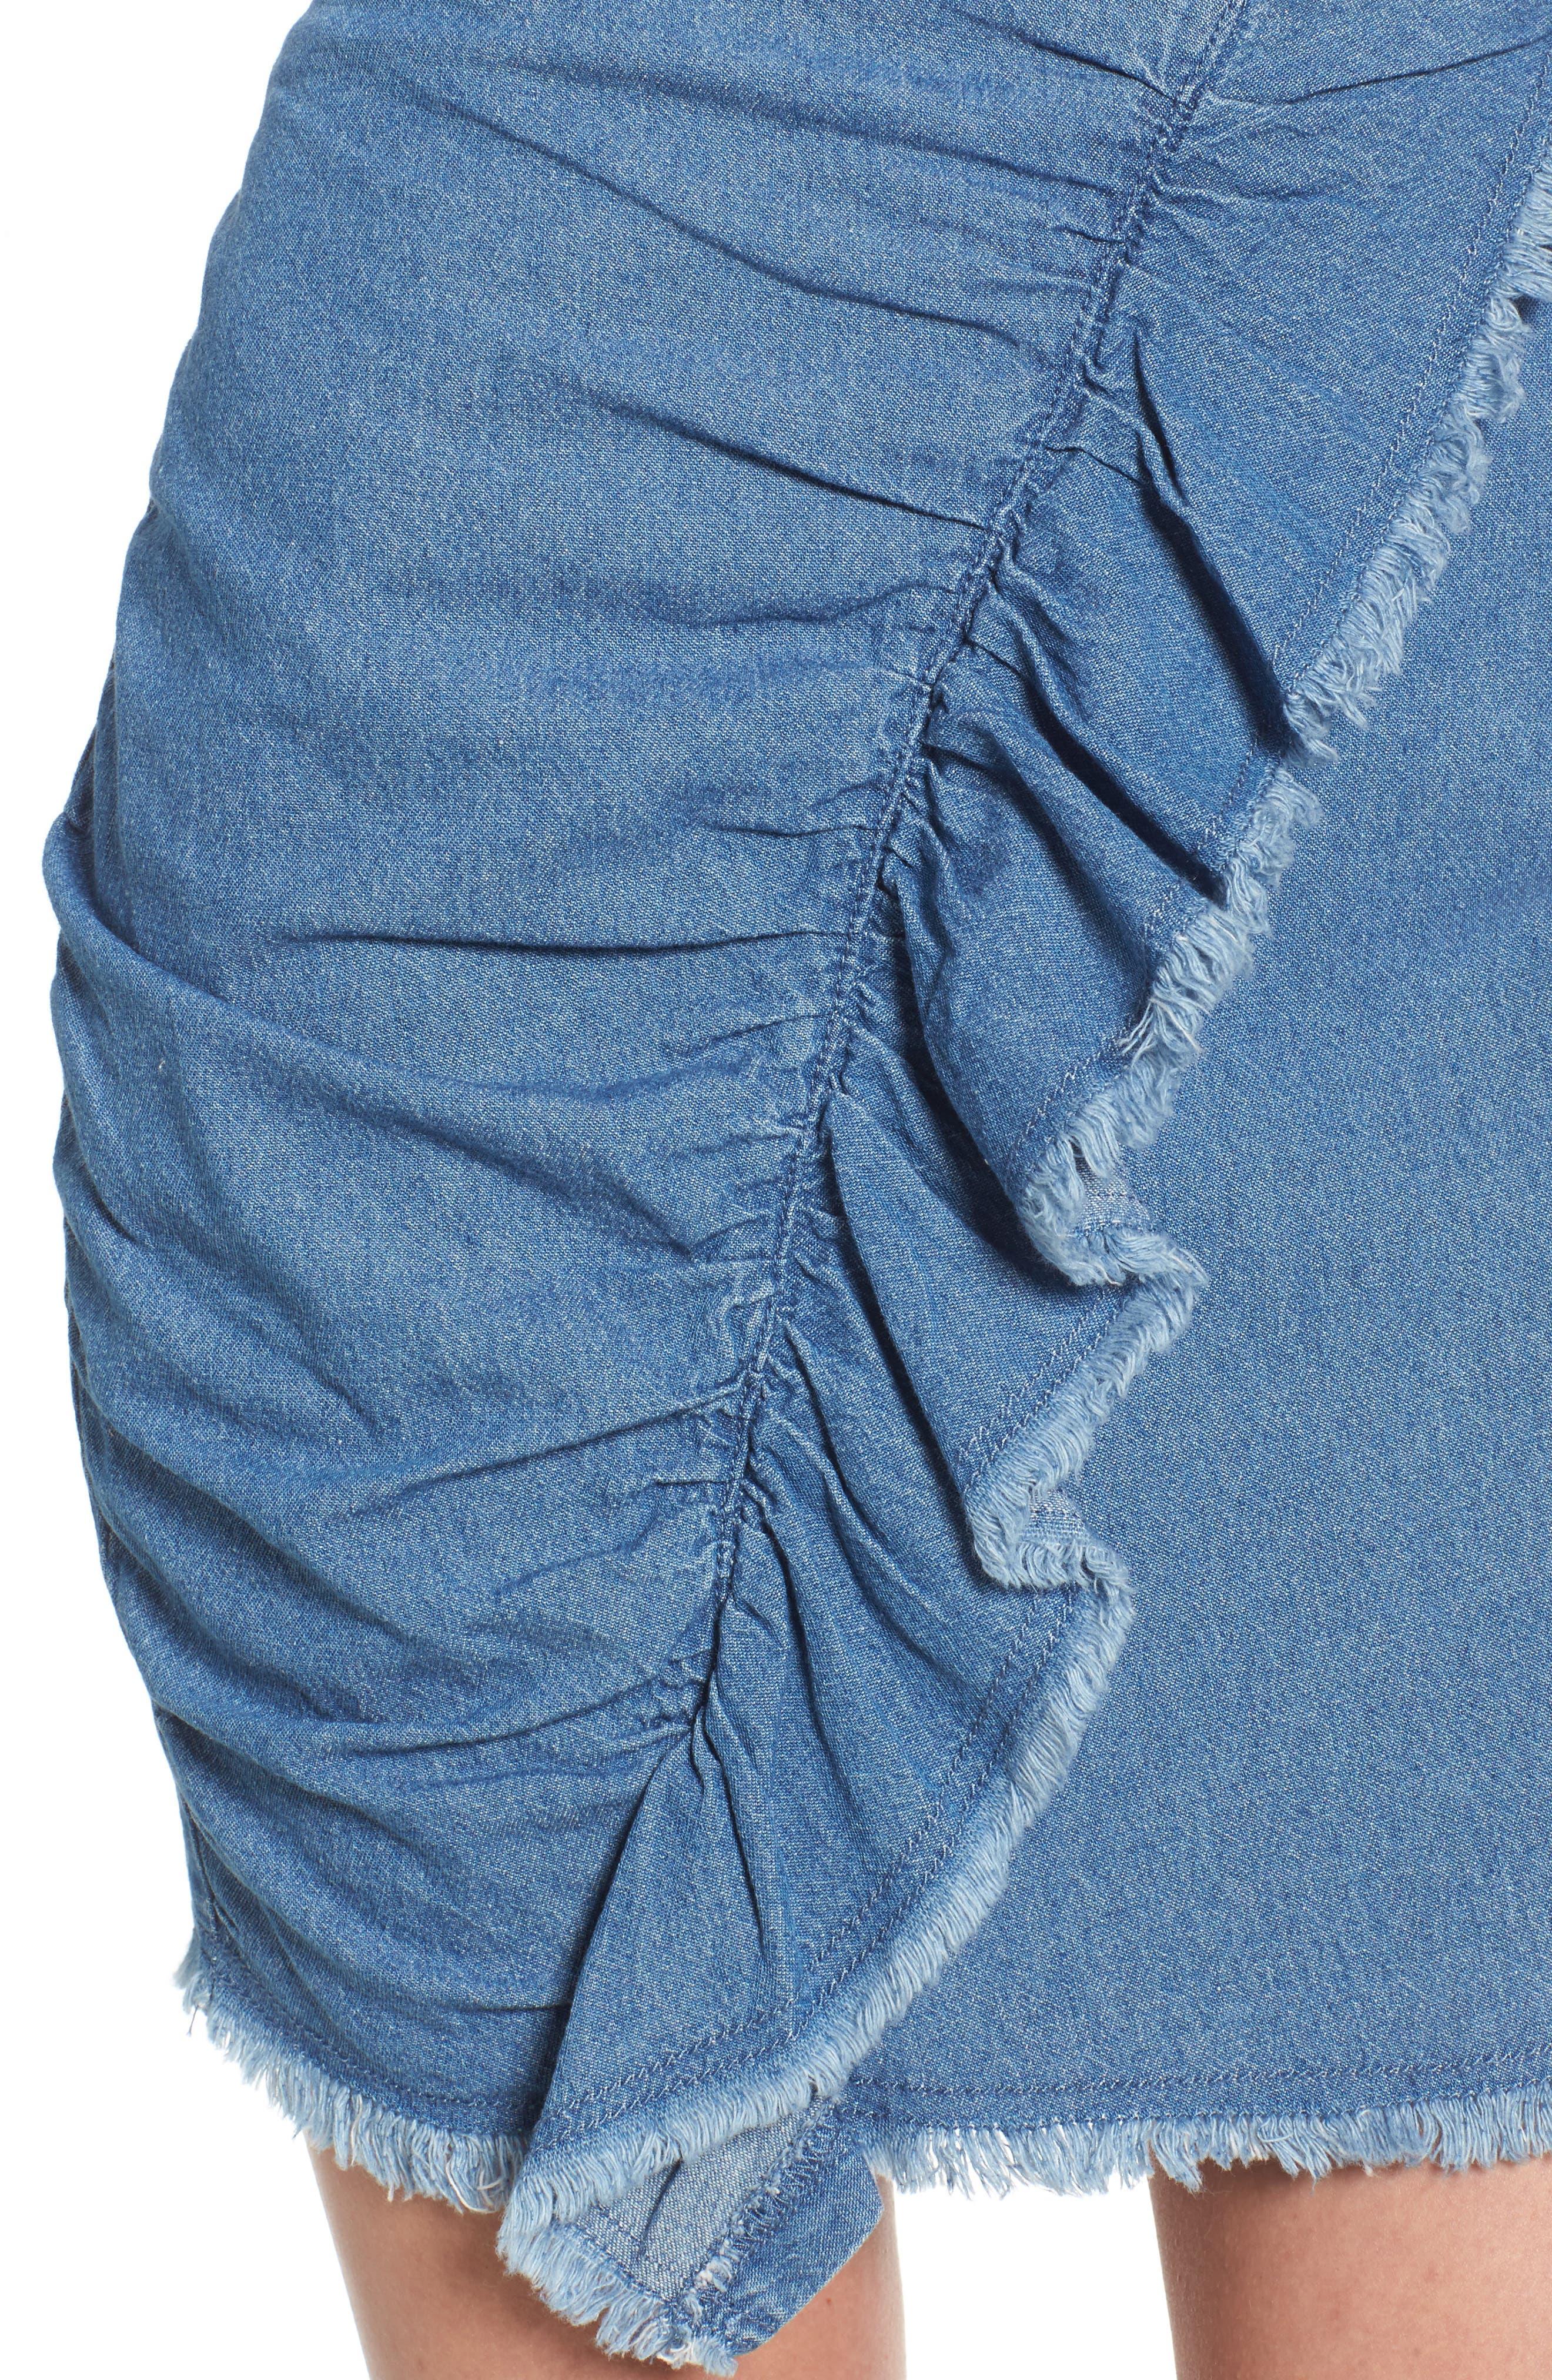 Ruffle Denim Miniskirt,                             Alternate thumbnail 4, color,                             459